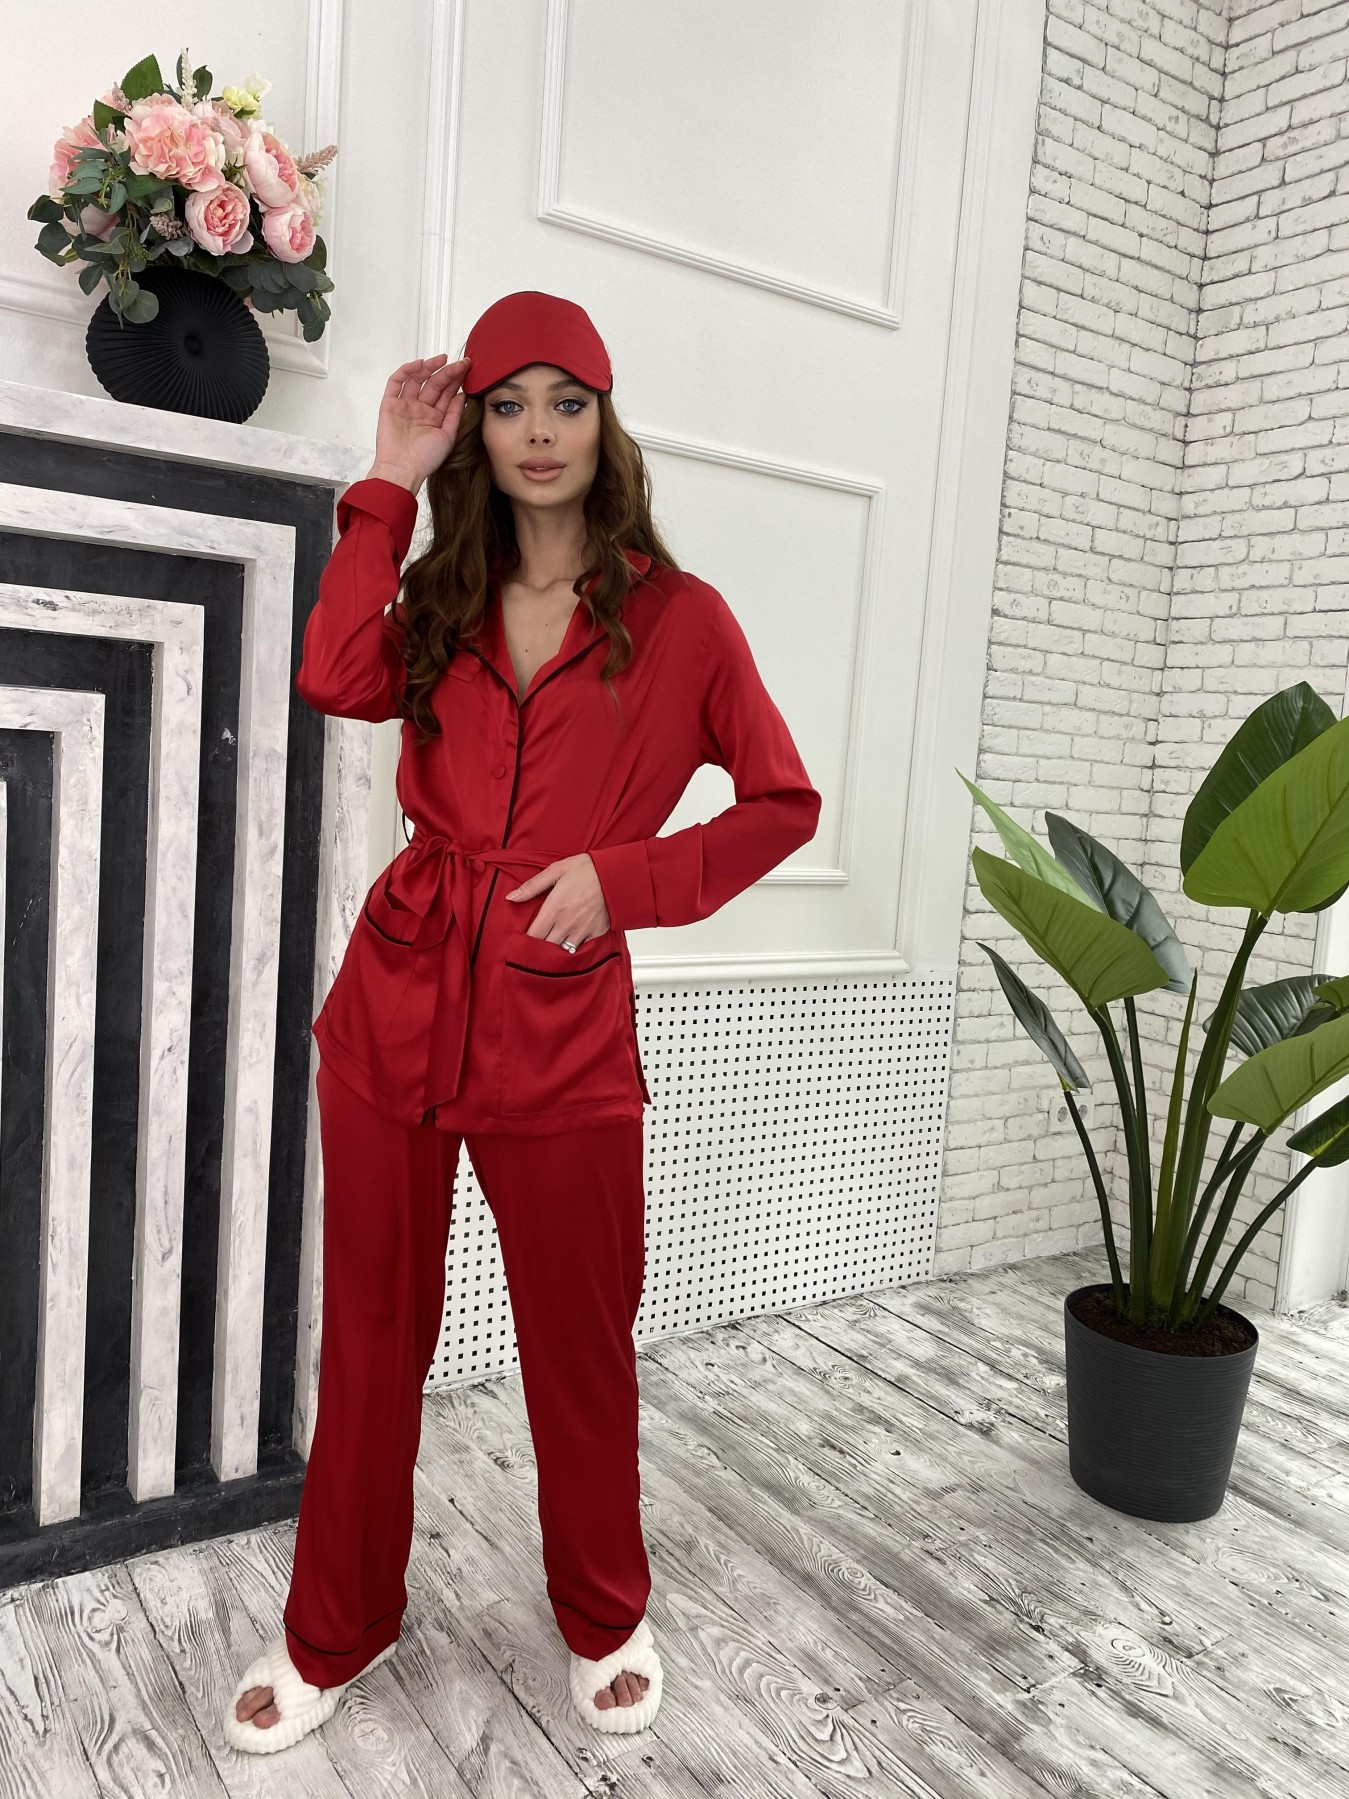 Шайн костюм из шелка  10778 АРТ. 47215 Цвет: Красный - фото 3, интернет магазин tm-modus.ru